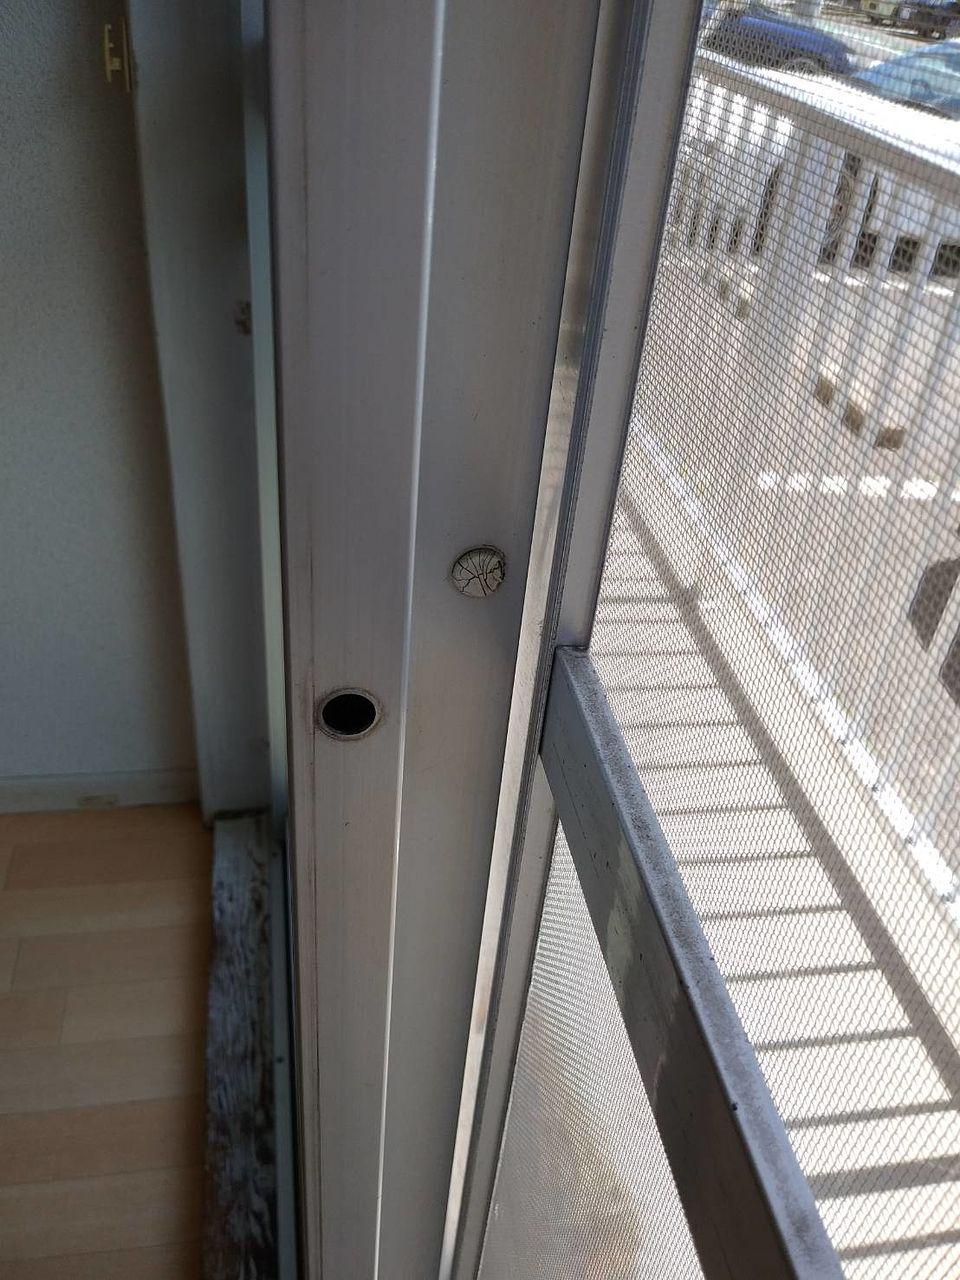 この網戸は「モヘア」が欠損しているので隙間が開いてしまっています。「モヘア」の取付けが必要です。